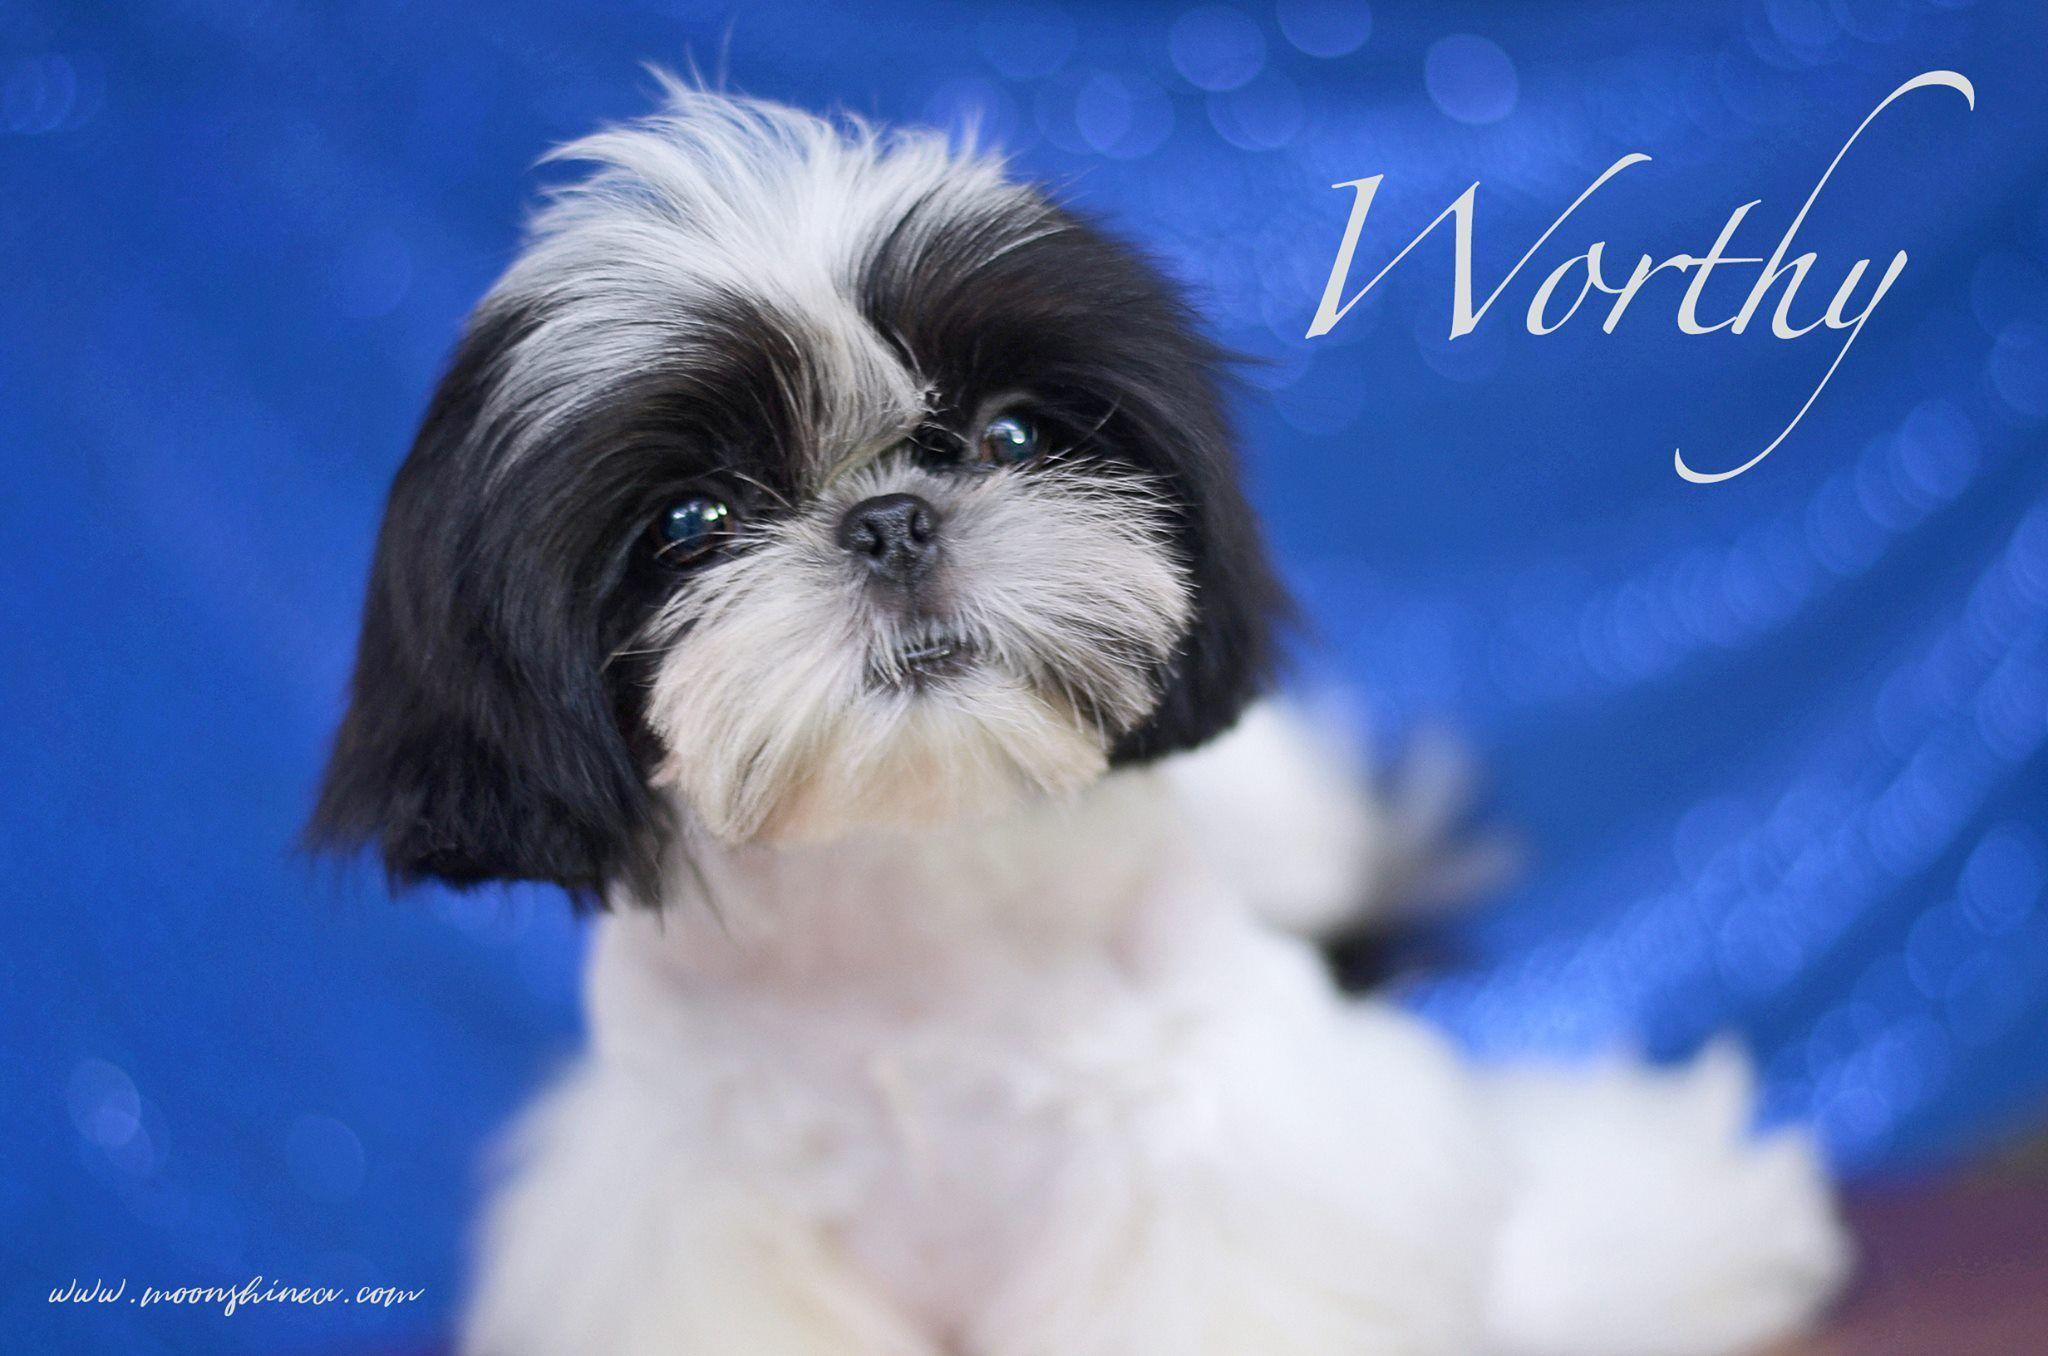 Beautiful Black and White Shih Tzu Puppy Philippines